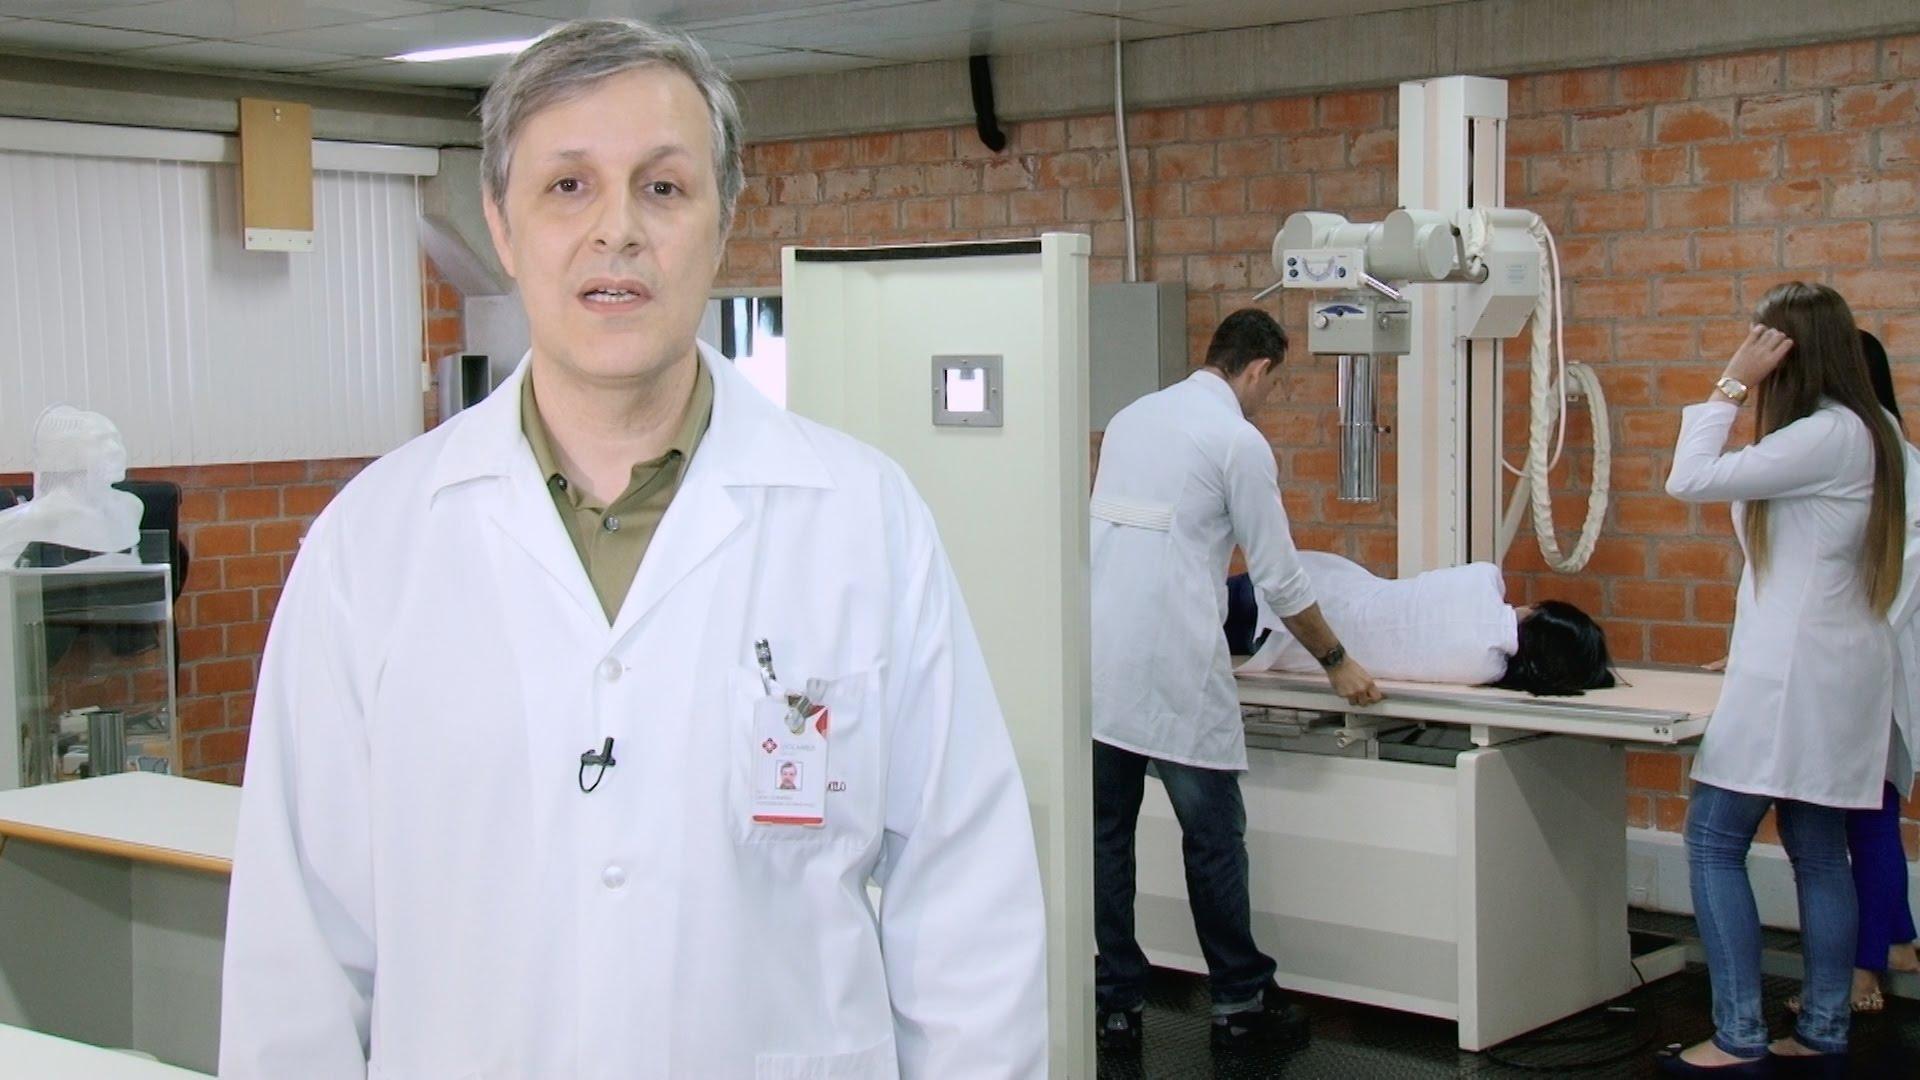 radiologia é uma excelente profissão (Foto: Divulgação)